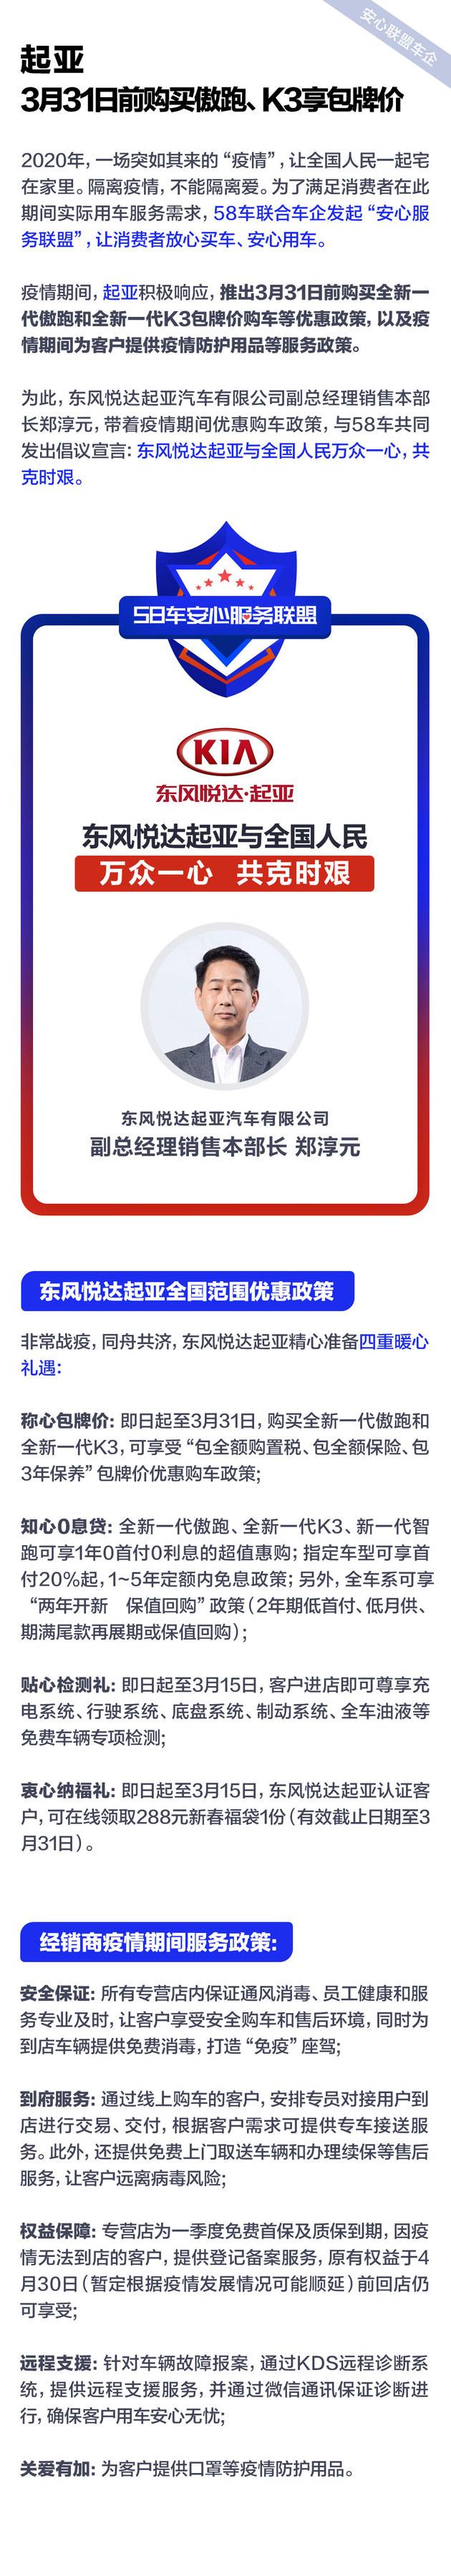 起亚 3月31日前购买傲跑、K3享包牌价